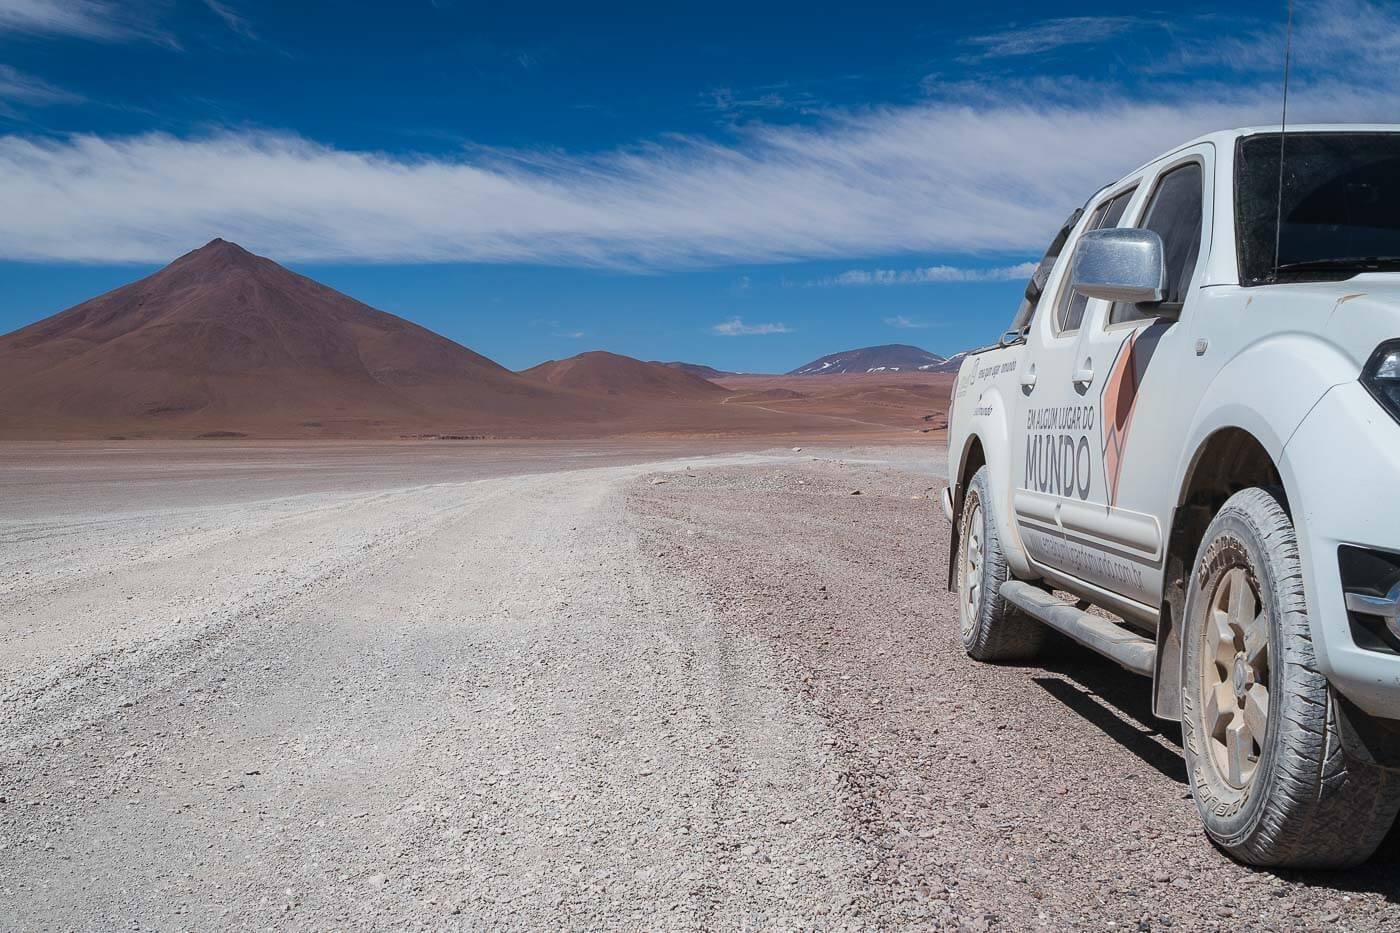 Salar de Uyuni Dicas Precisa Saber - Condição da estrada